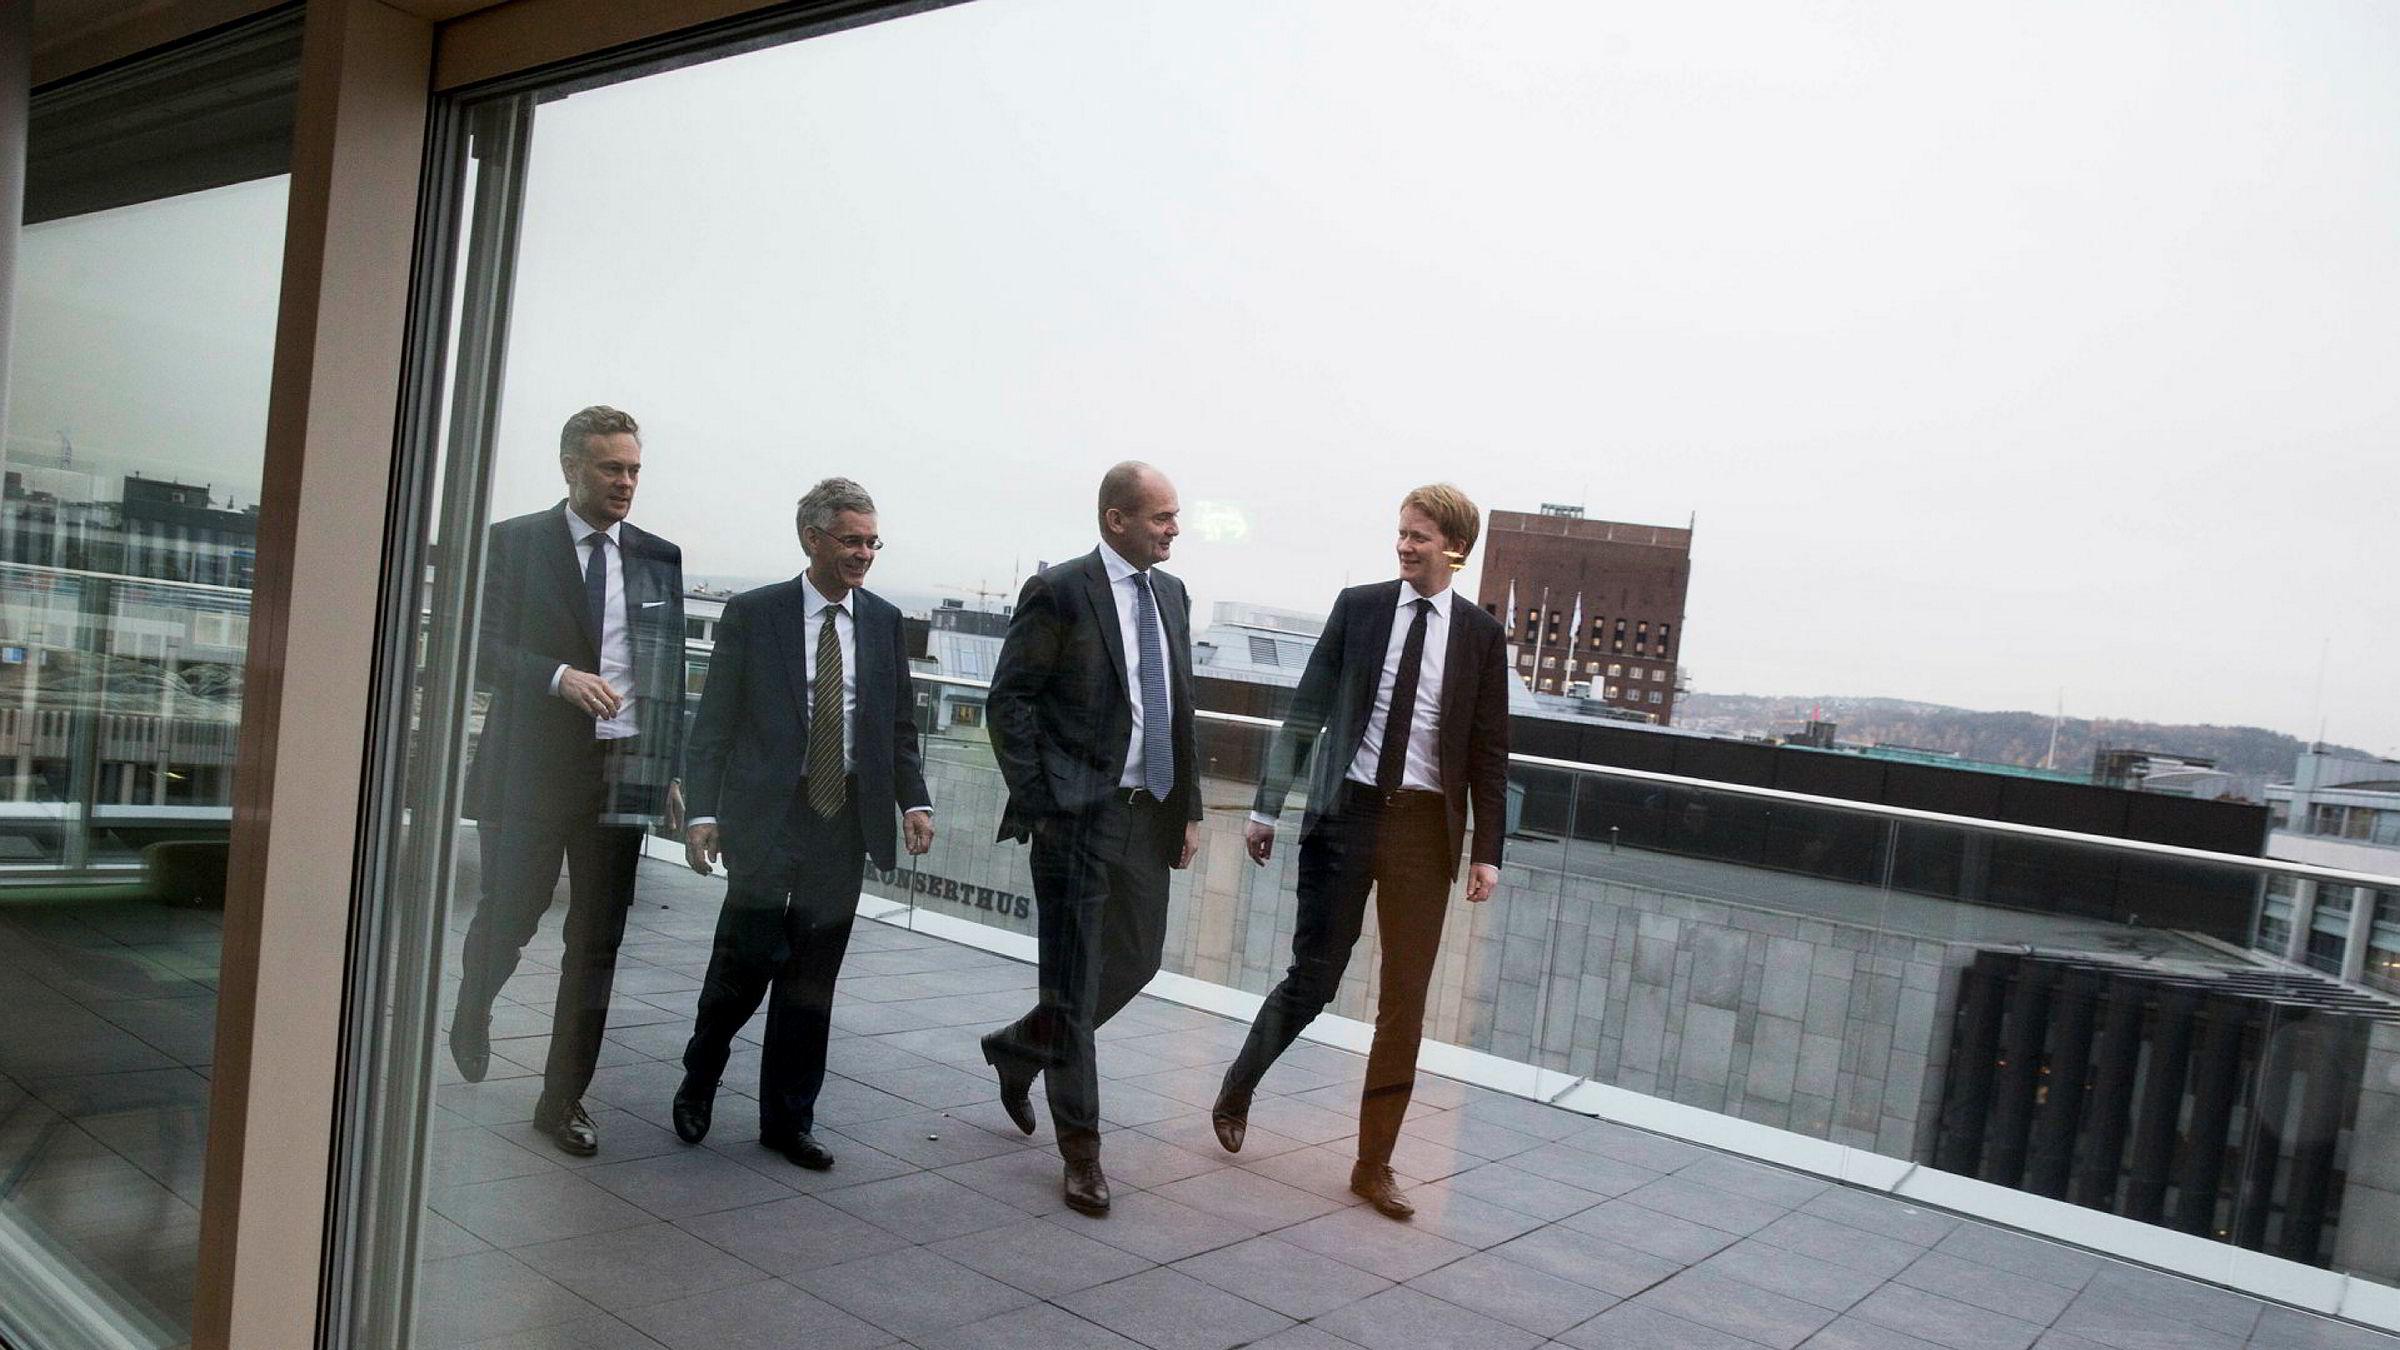 Fra nyttår er partner Preben Willoch (fra venstre) og Christian F. Michelet i Michelet & Co en del av advokatfirmaet Schjødt i Vika i Oslo. Her med styreleder Olav Kolstad og leder Sverre B. Bjelland i olje- og offshoreteamet til Schjødt.